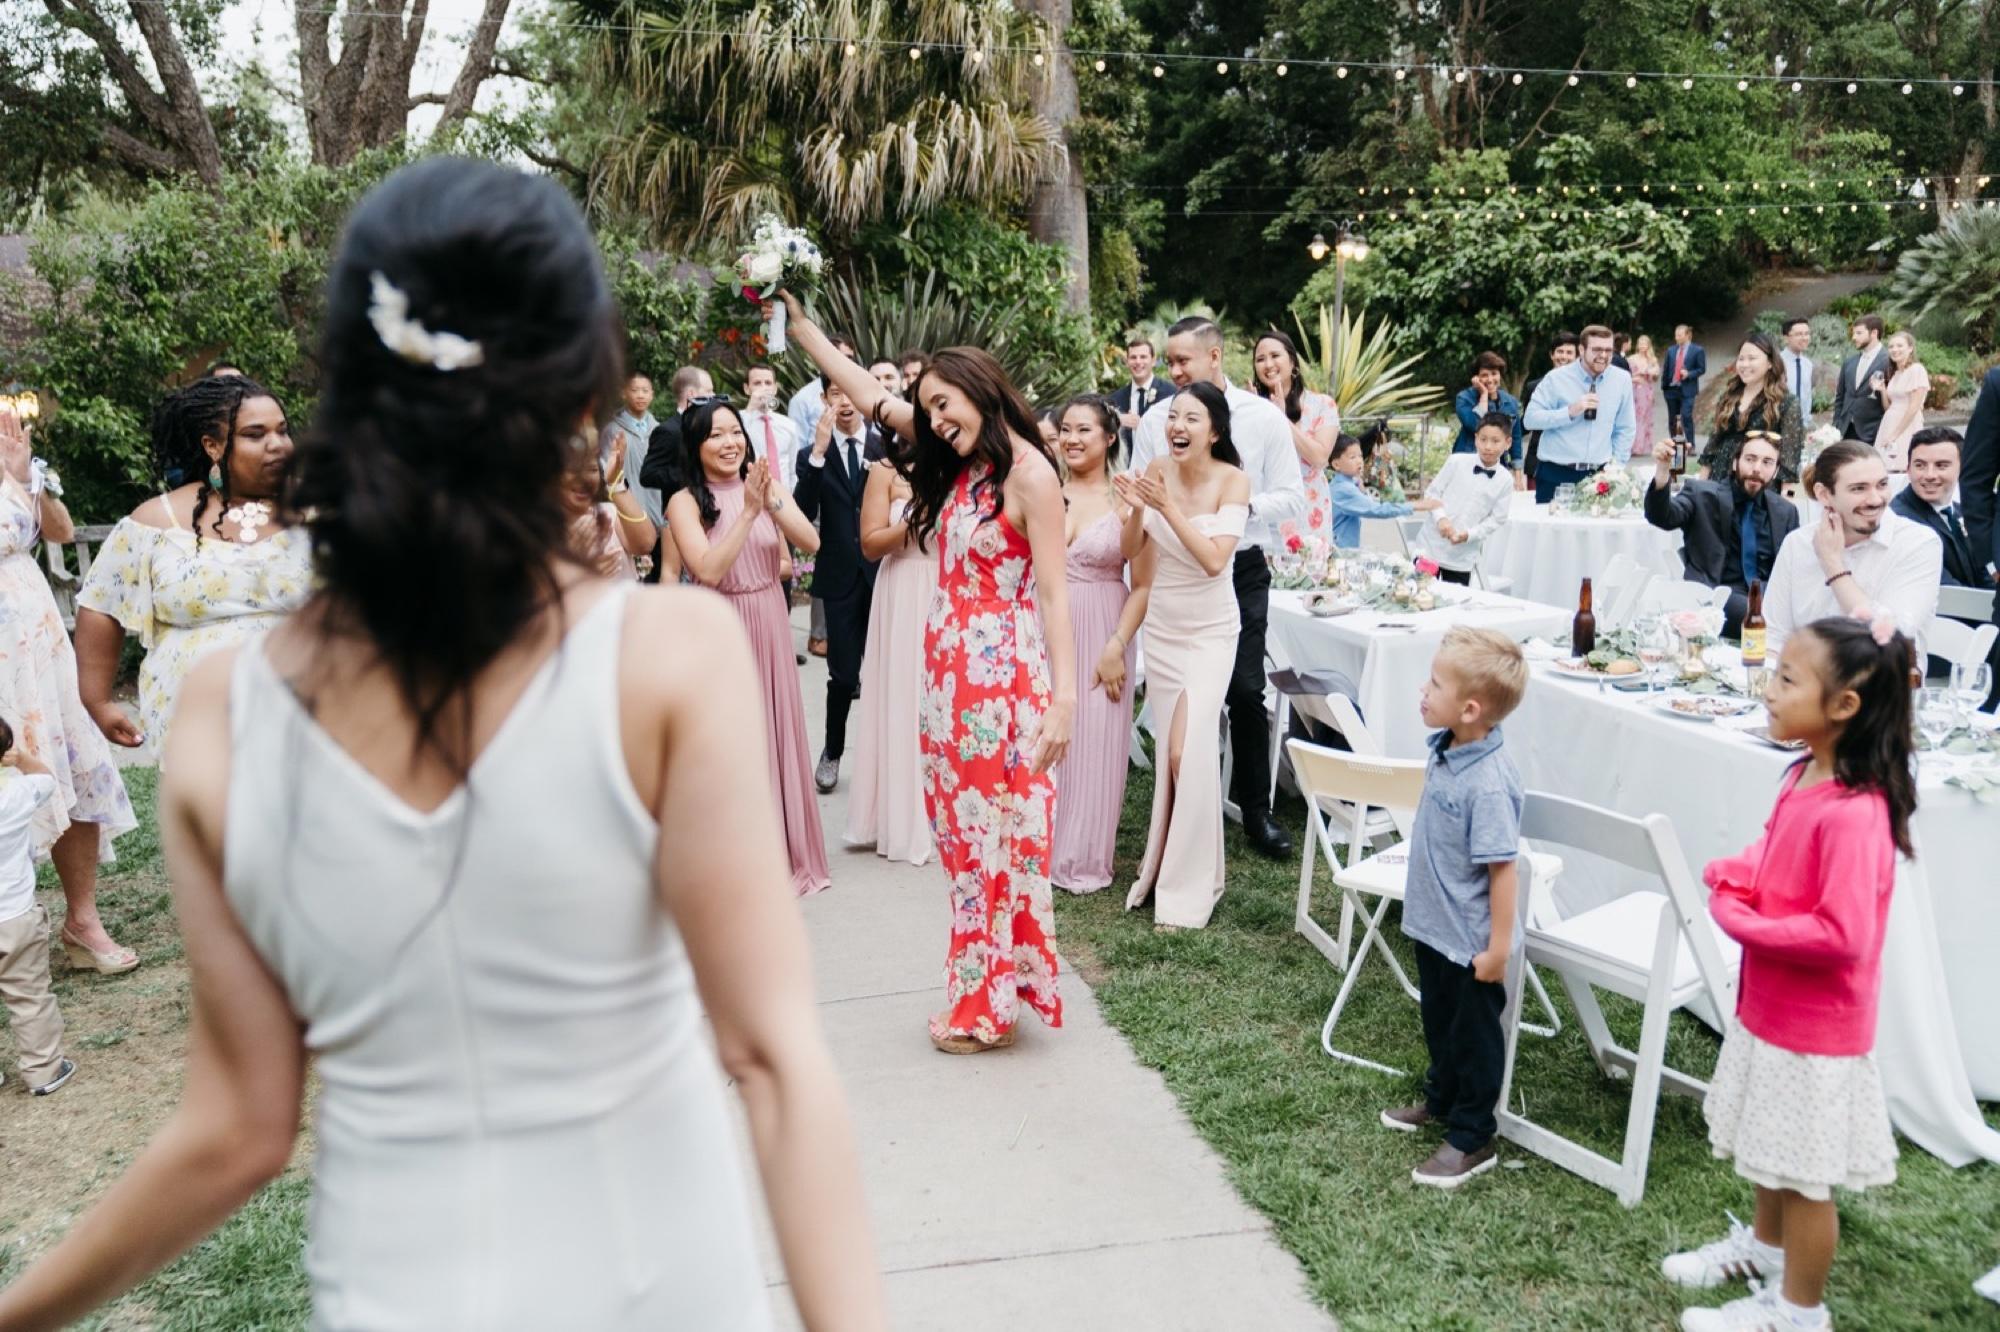 096_Shawna and Steve's Wedding-592.jpg